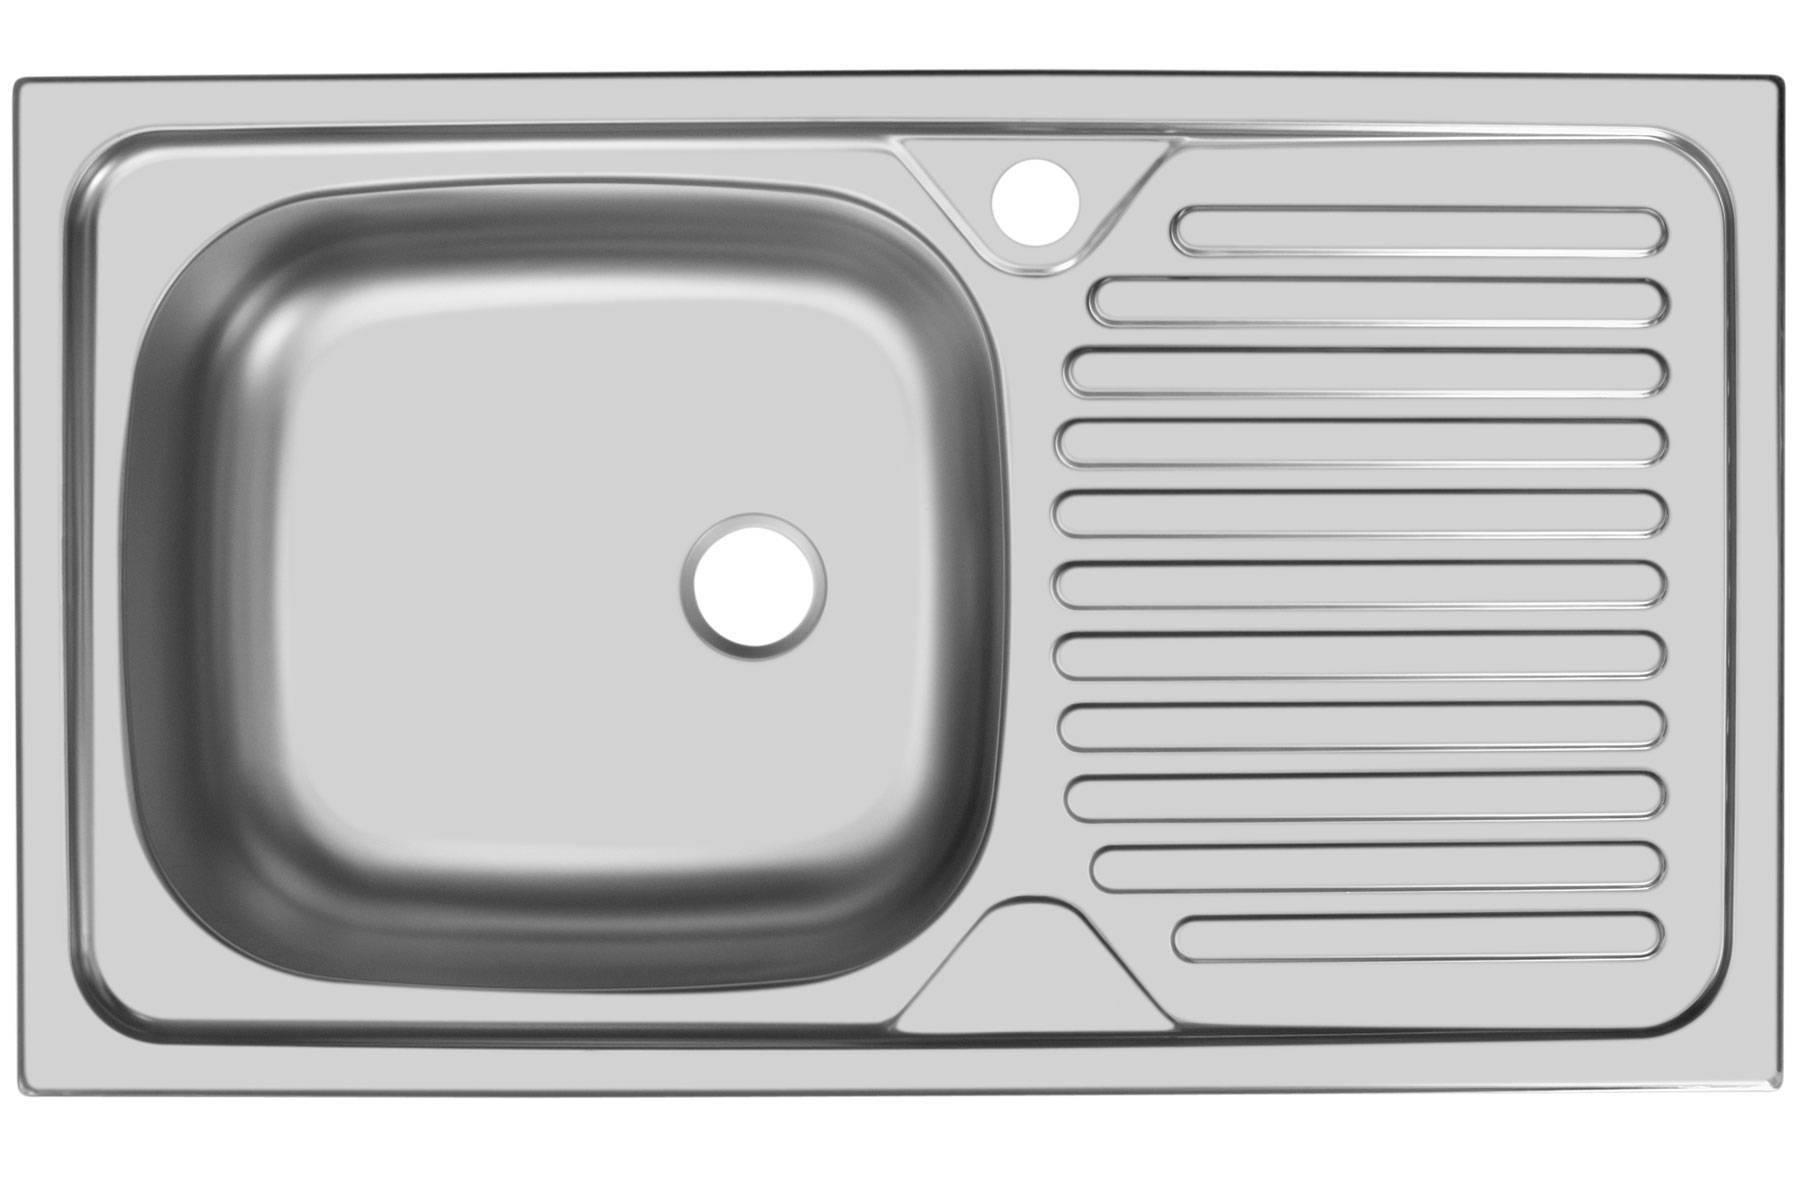 Мойка Юкинокс Классика CLM760.435 - 5K 2L врезная левая кухня классика 3 левая